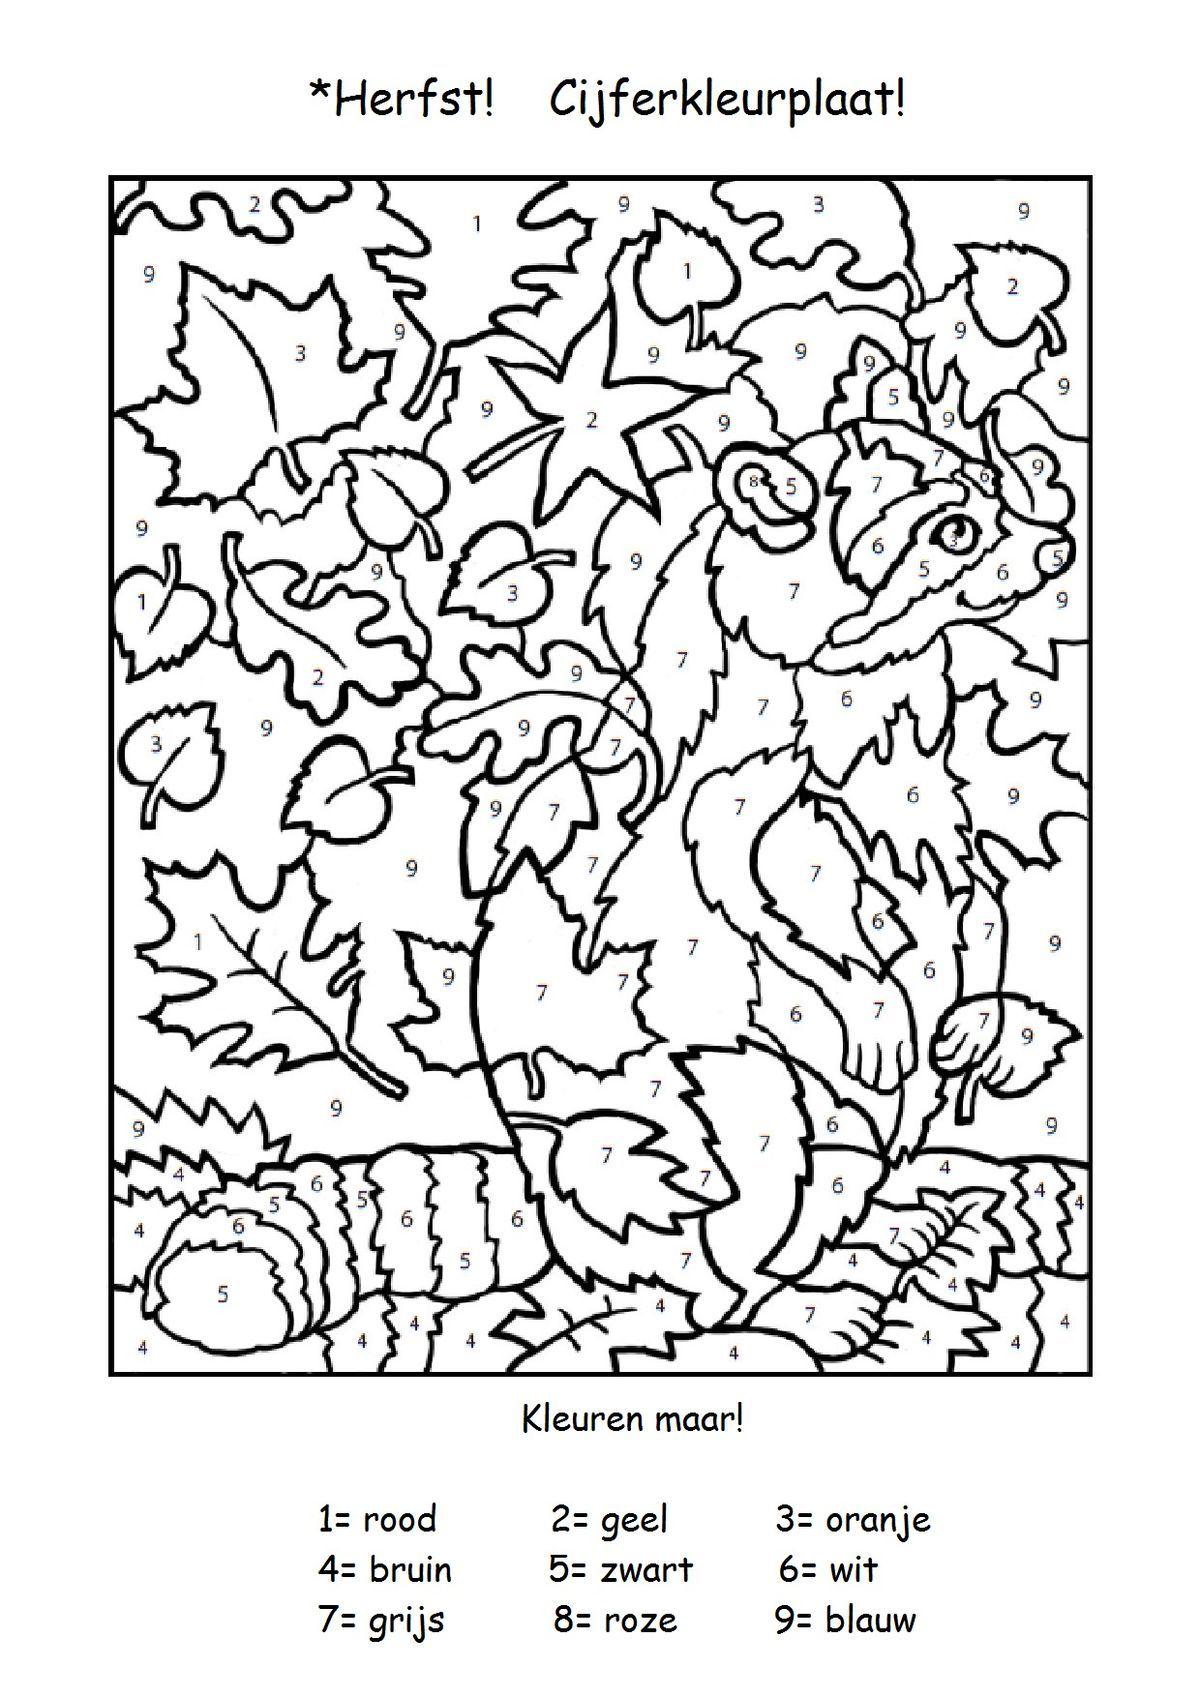 Bildergebnis für herbst im kindergarten arbeitsblätter Schule Arbeitsblätter Vorschule Grundschulen Malen Nach Zahlen